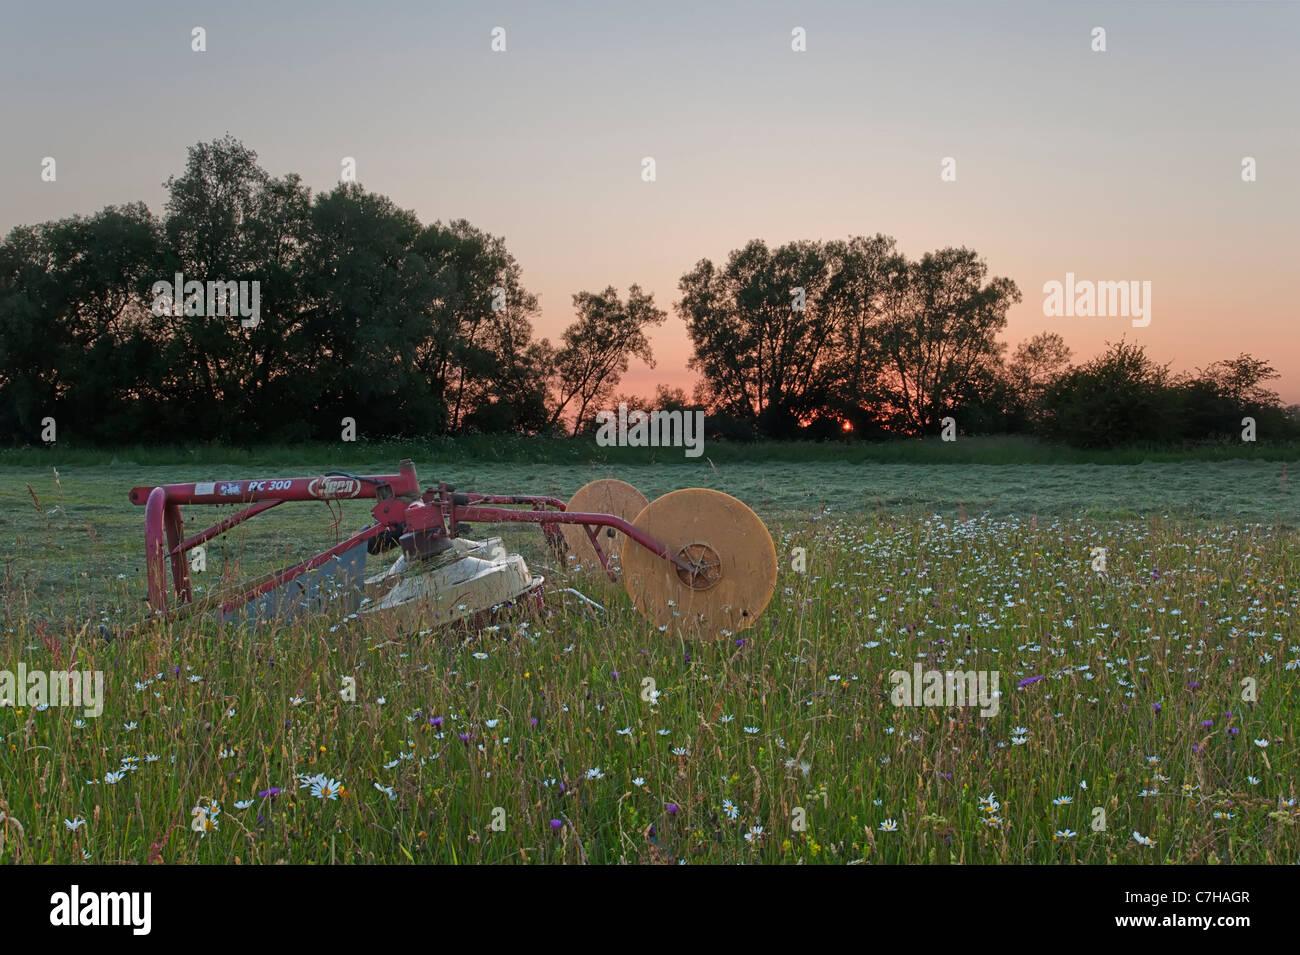 Prato di fieno con vogatore al tramonto Immagini Stock